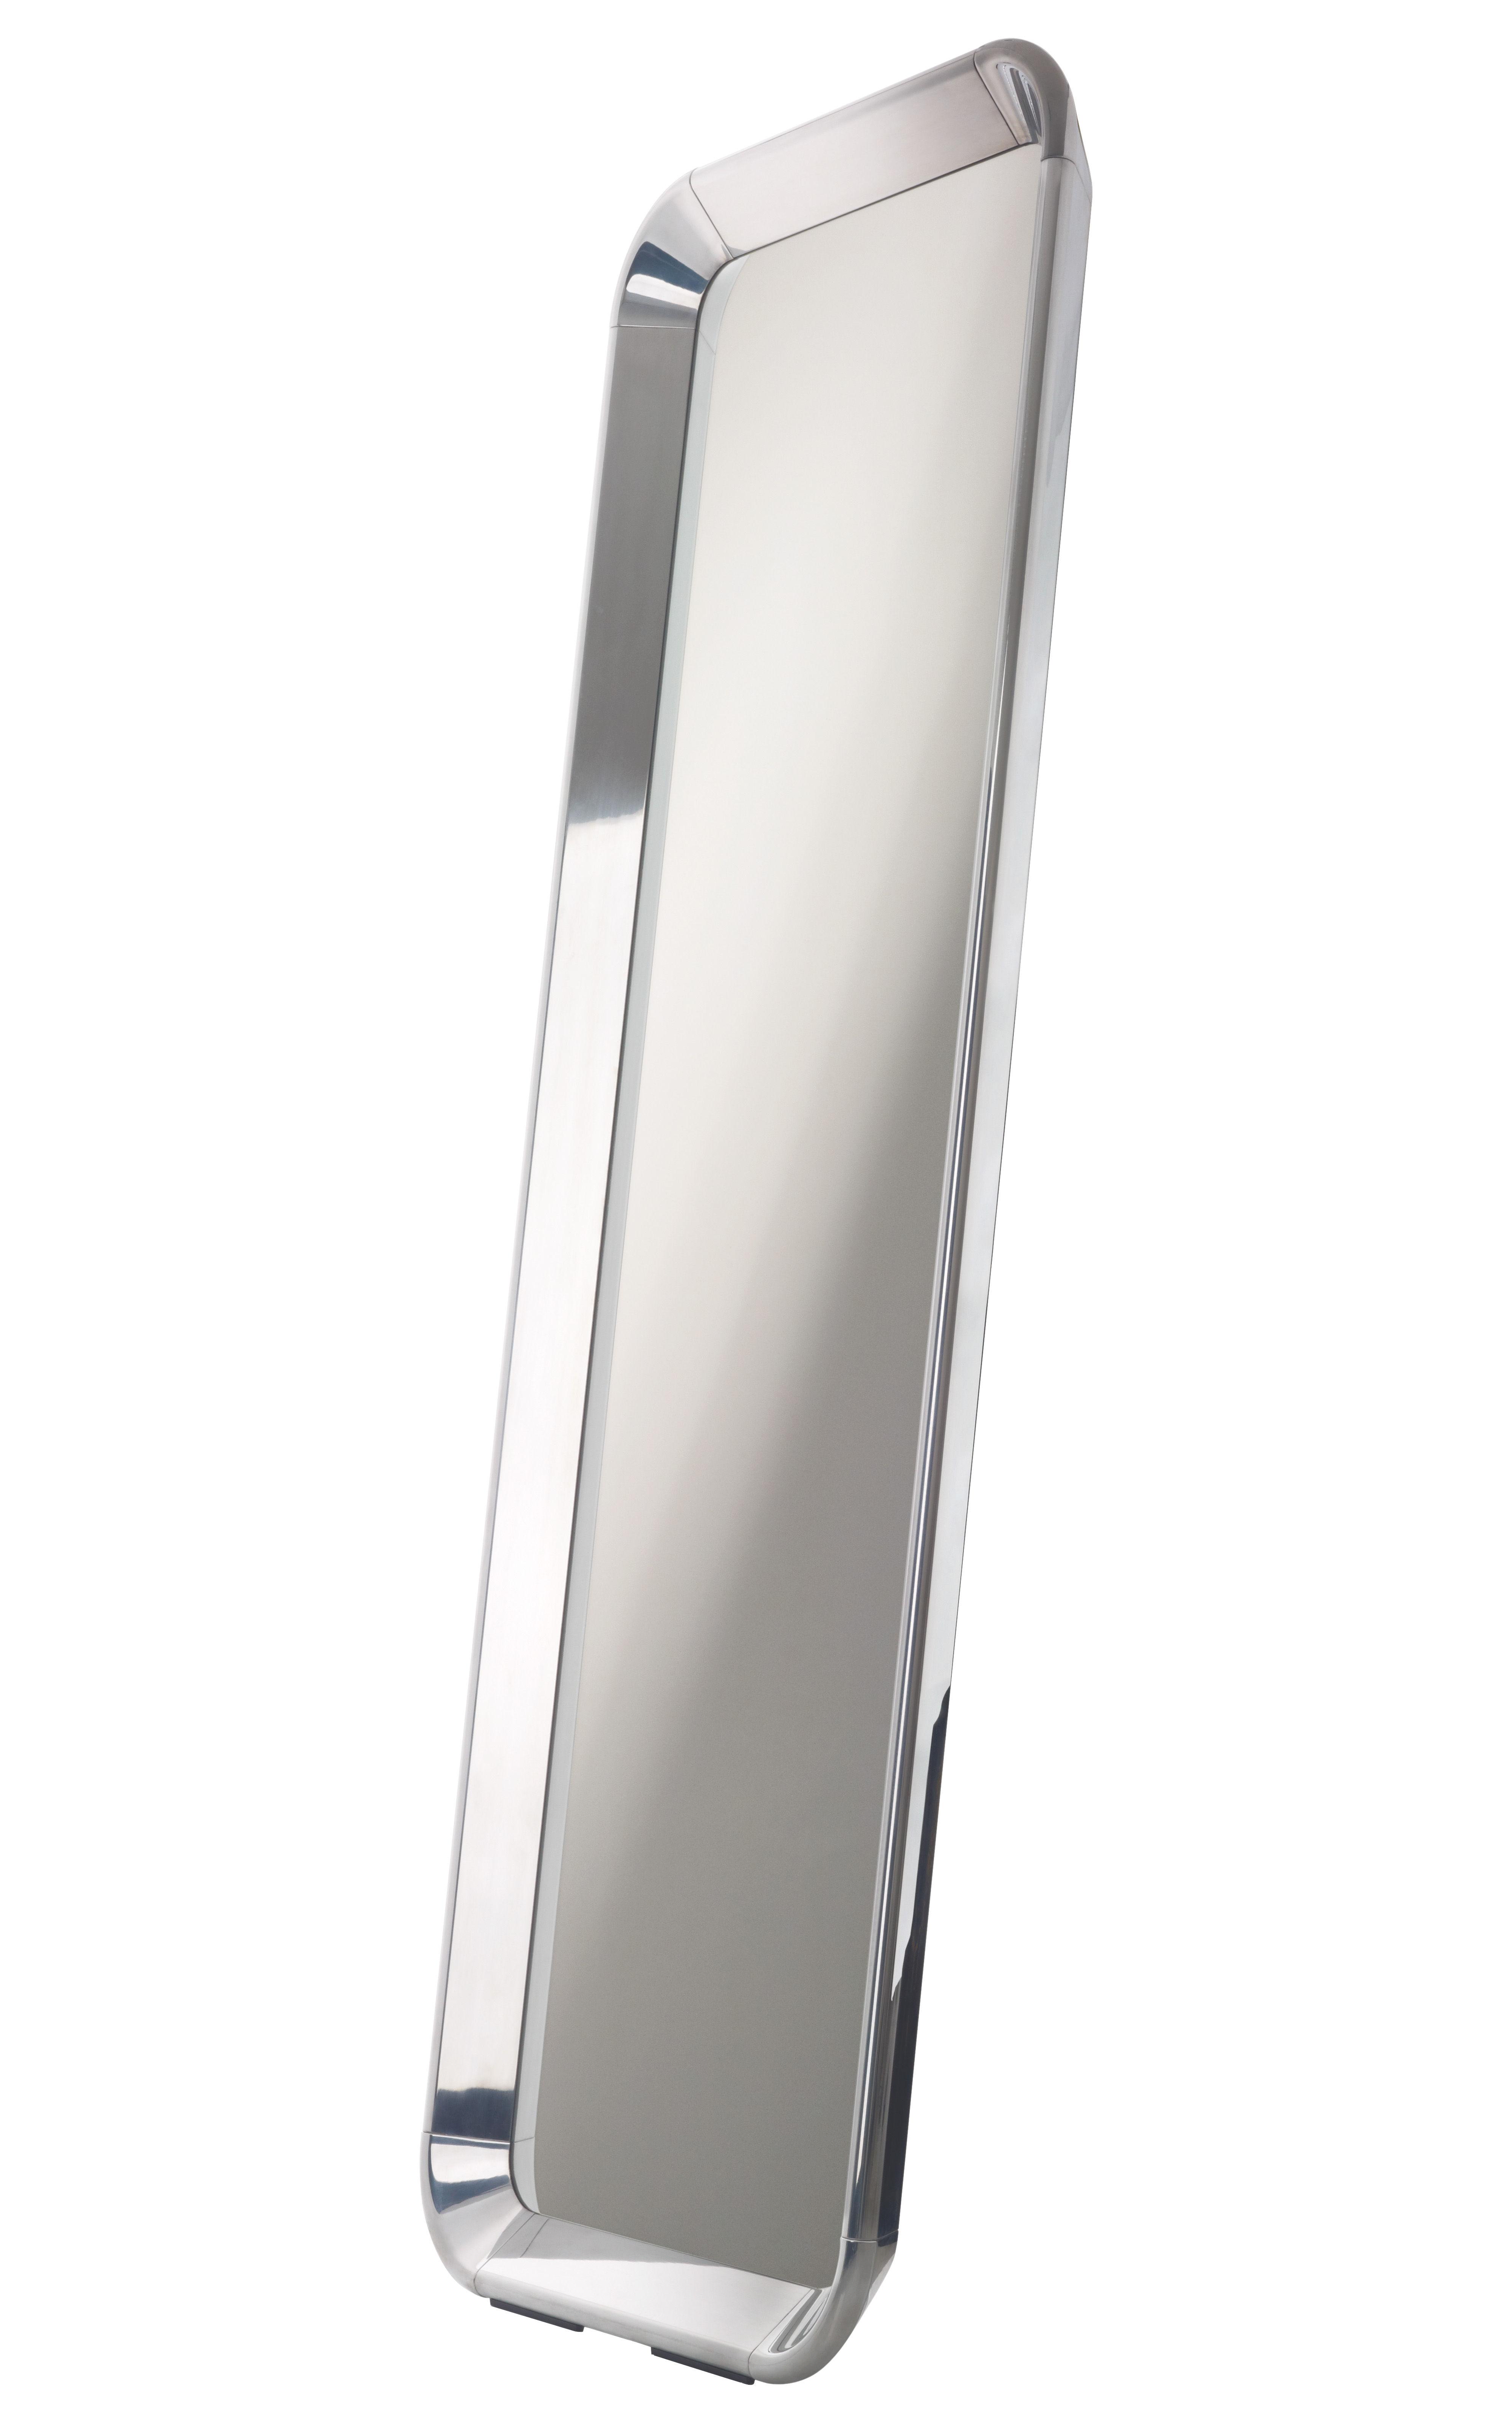 Arredamento - Specchi - Specchio Déjà-vu - L 190 x l 73 cm di Magis - Alluminio - L 190 x l 73 cm - Alluminio lucido